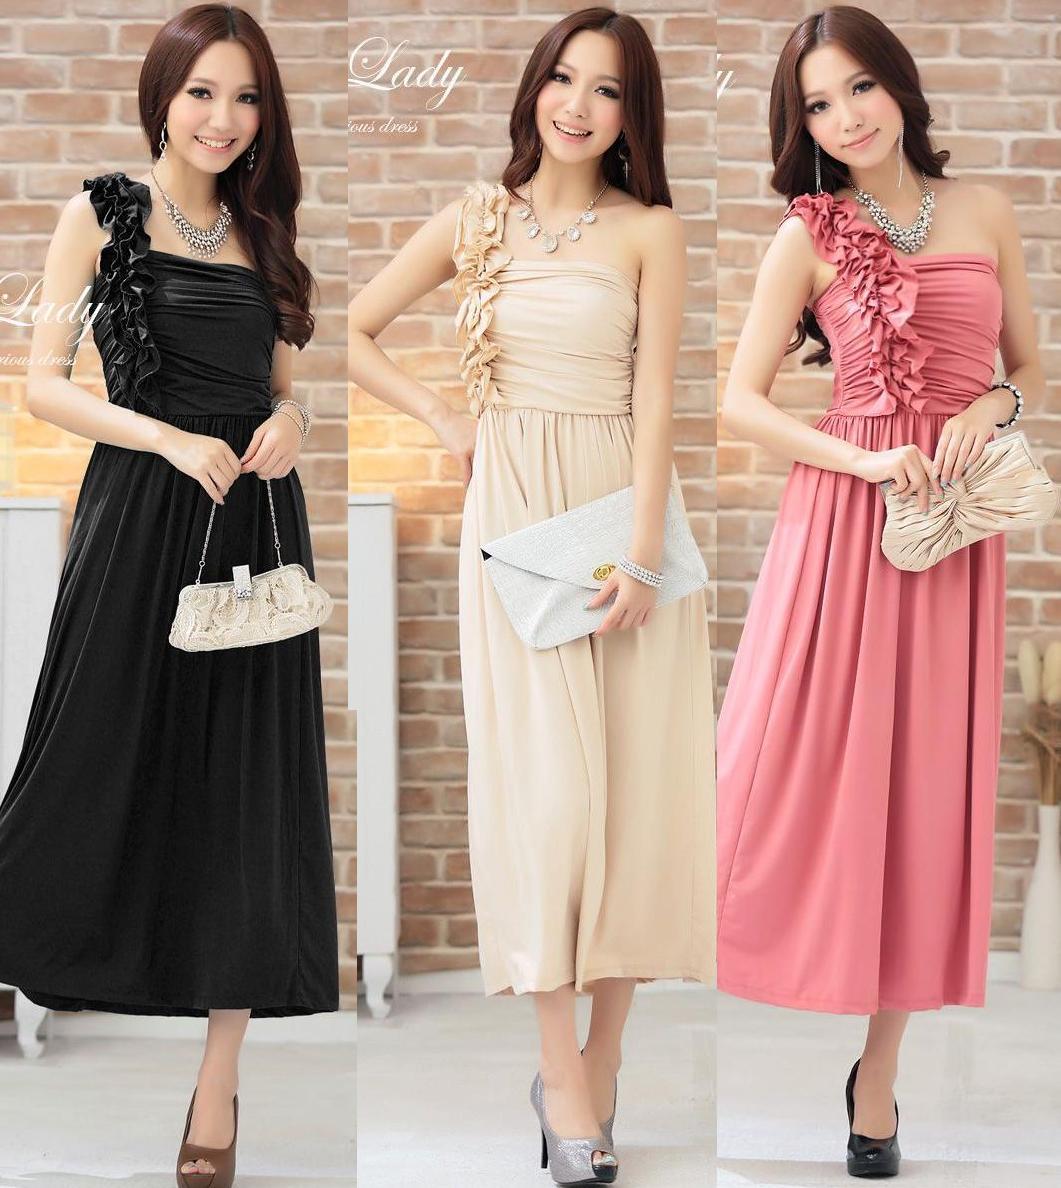 天使嫁衣【HL2810素】3色中大尺碼單肩花朵水晶棉長洋裝禮服˙預購訂製款